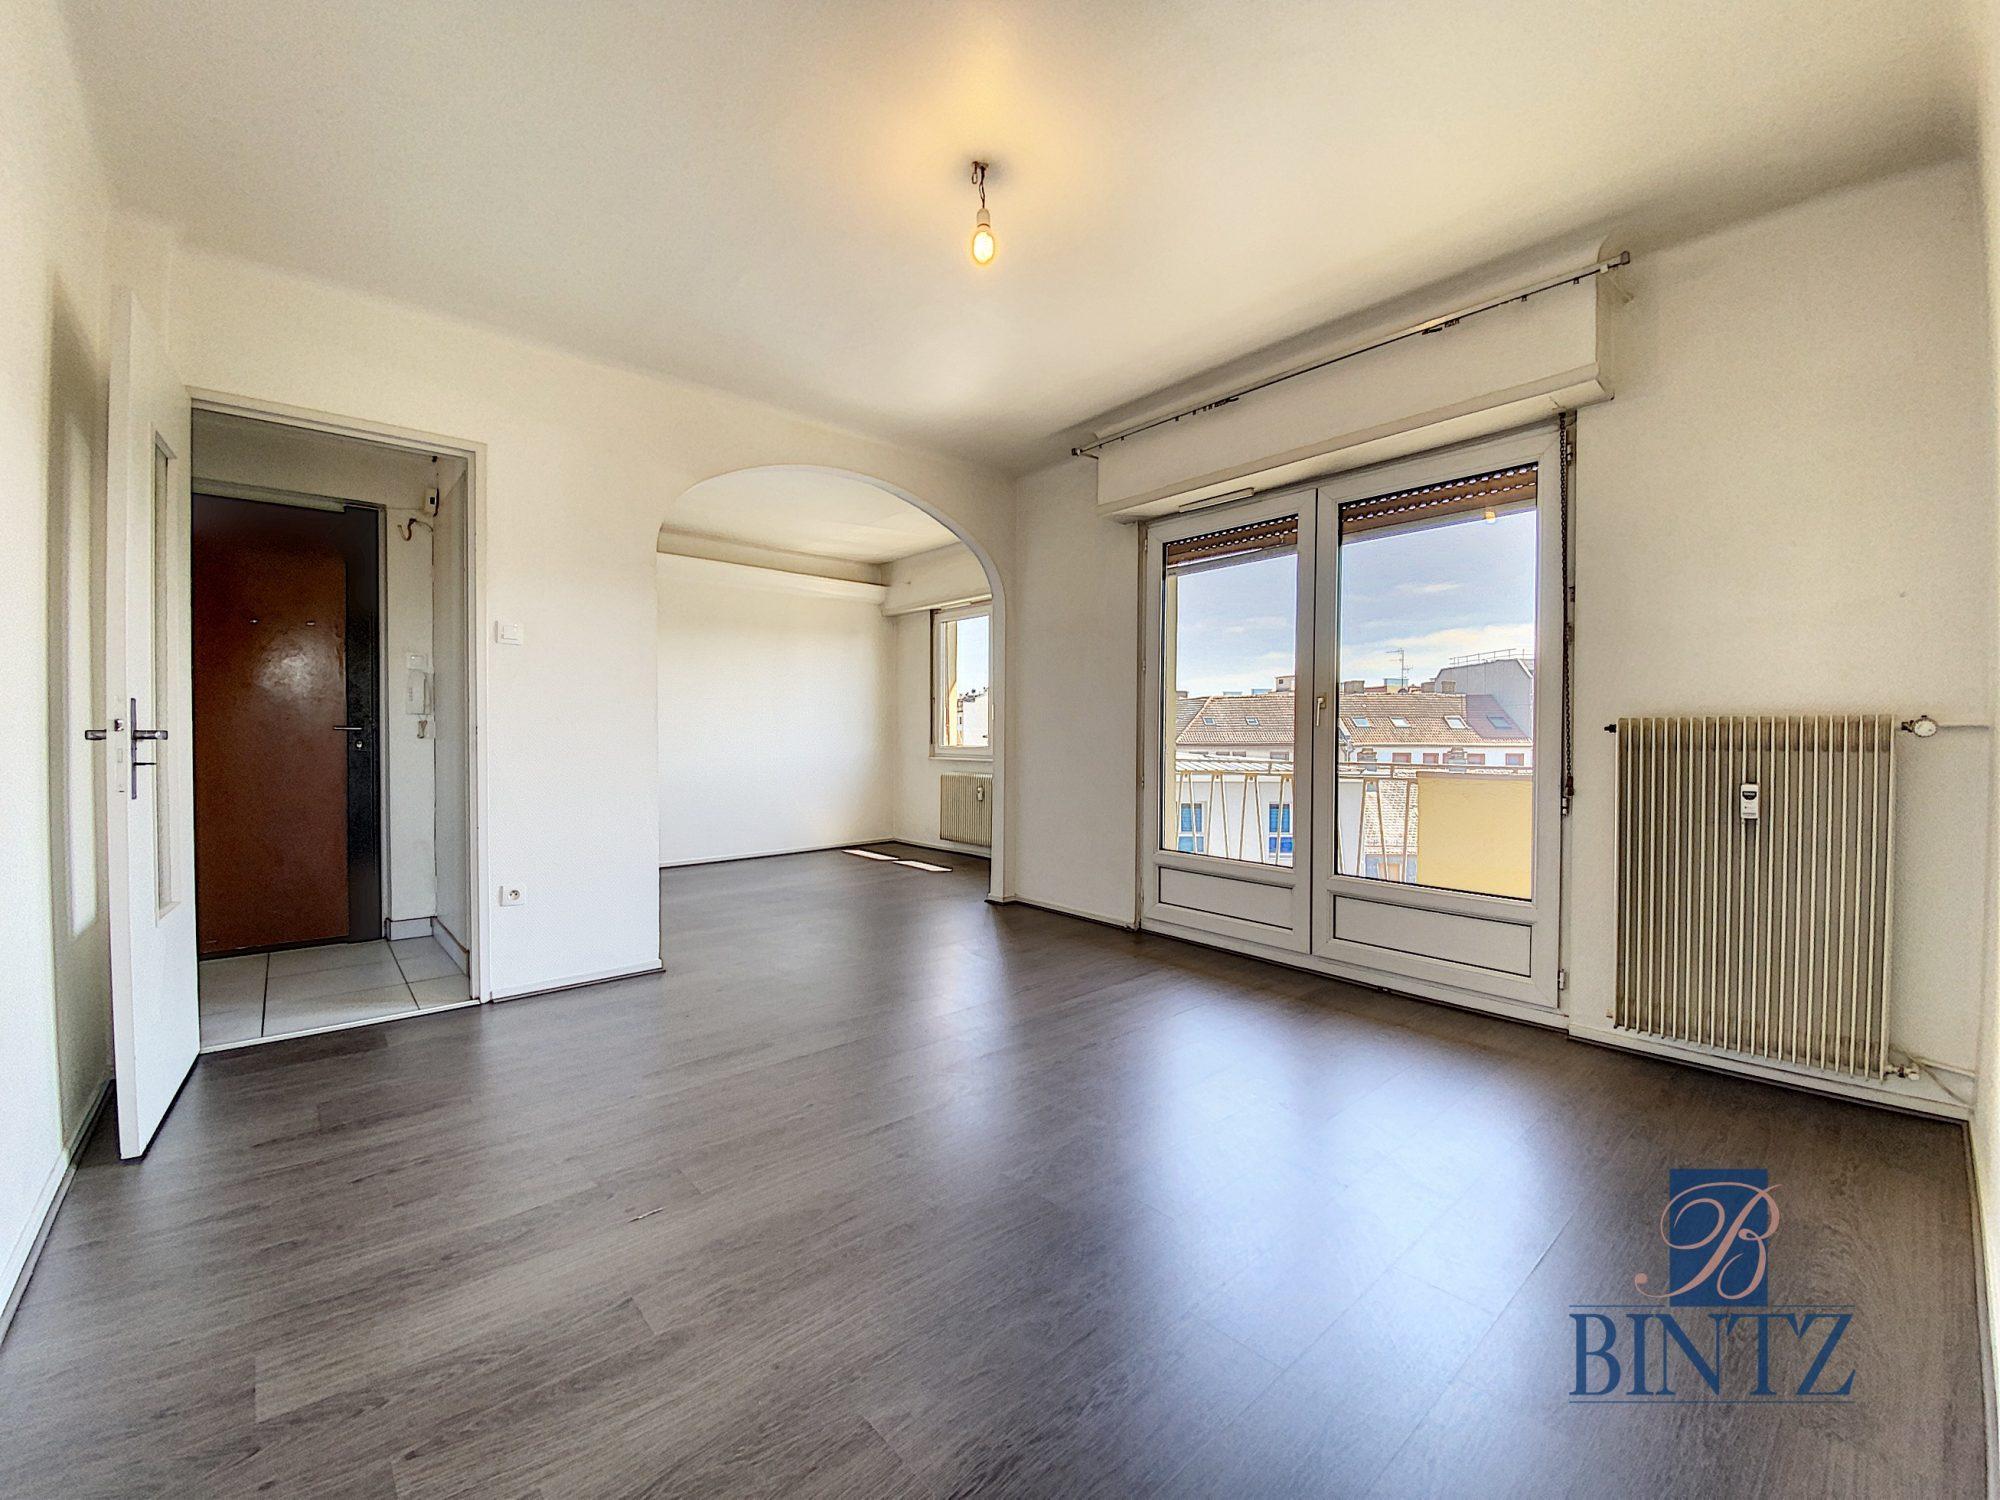 3P MONTAGNE VERTE - Devenez locataire en toute sérénité - Bintz Immobilier - 1